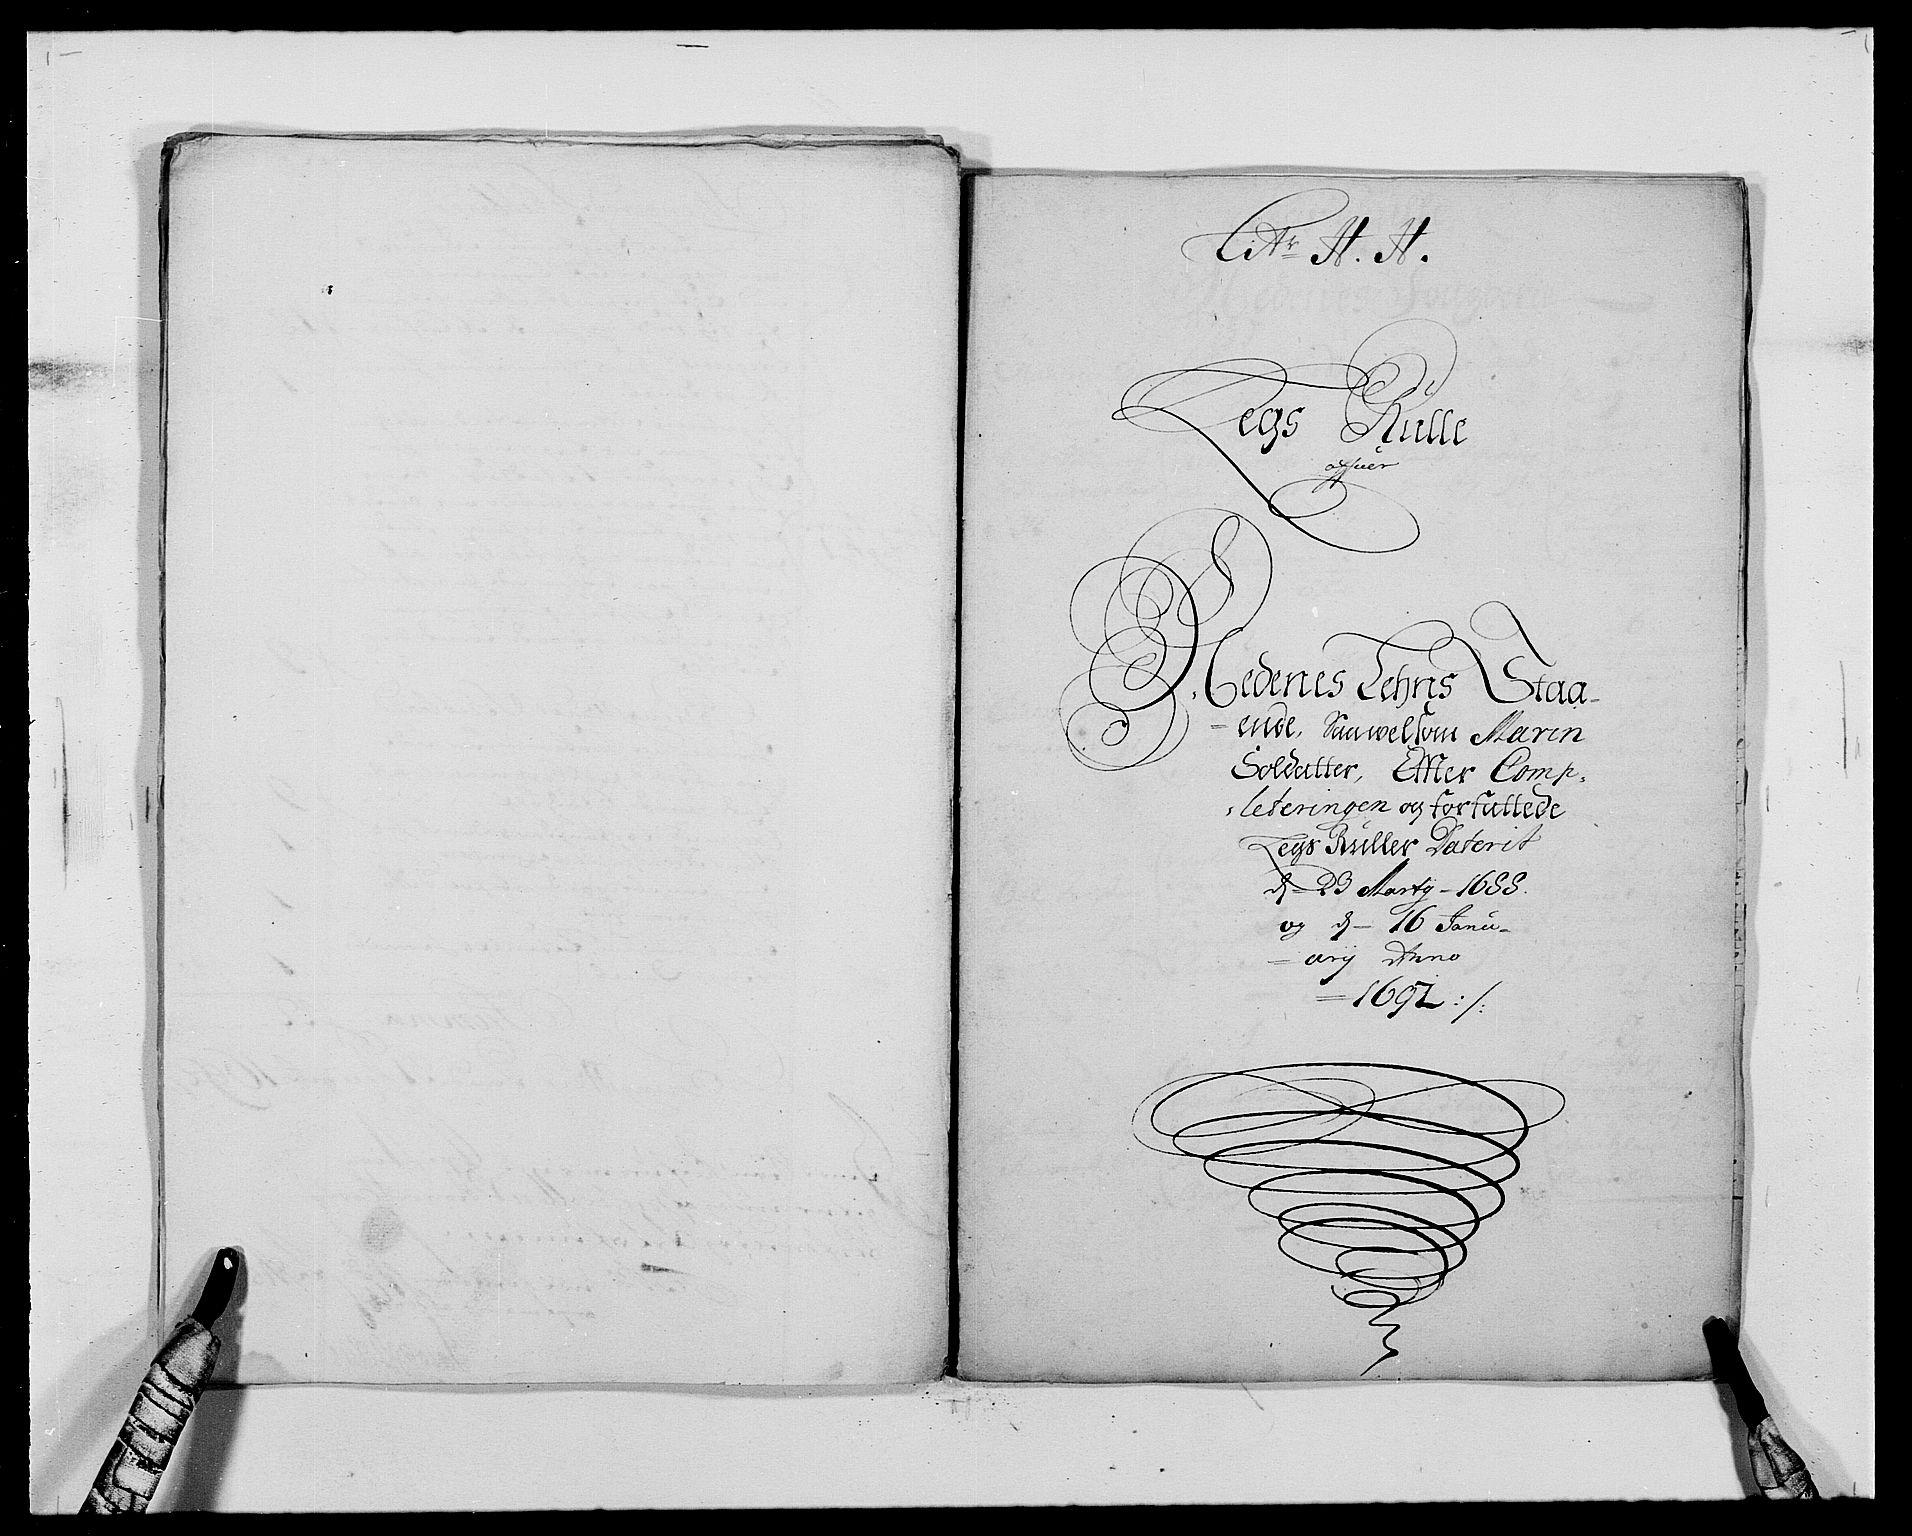 RA, Rentekammeret inntil 1814, Reviderte regnskaper, Fogderegnskap, R39/L2311: Fogderegnskap Nedenes, 1690-1692, s. 215